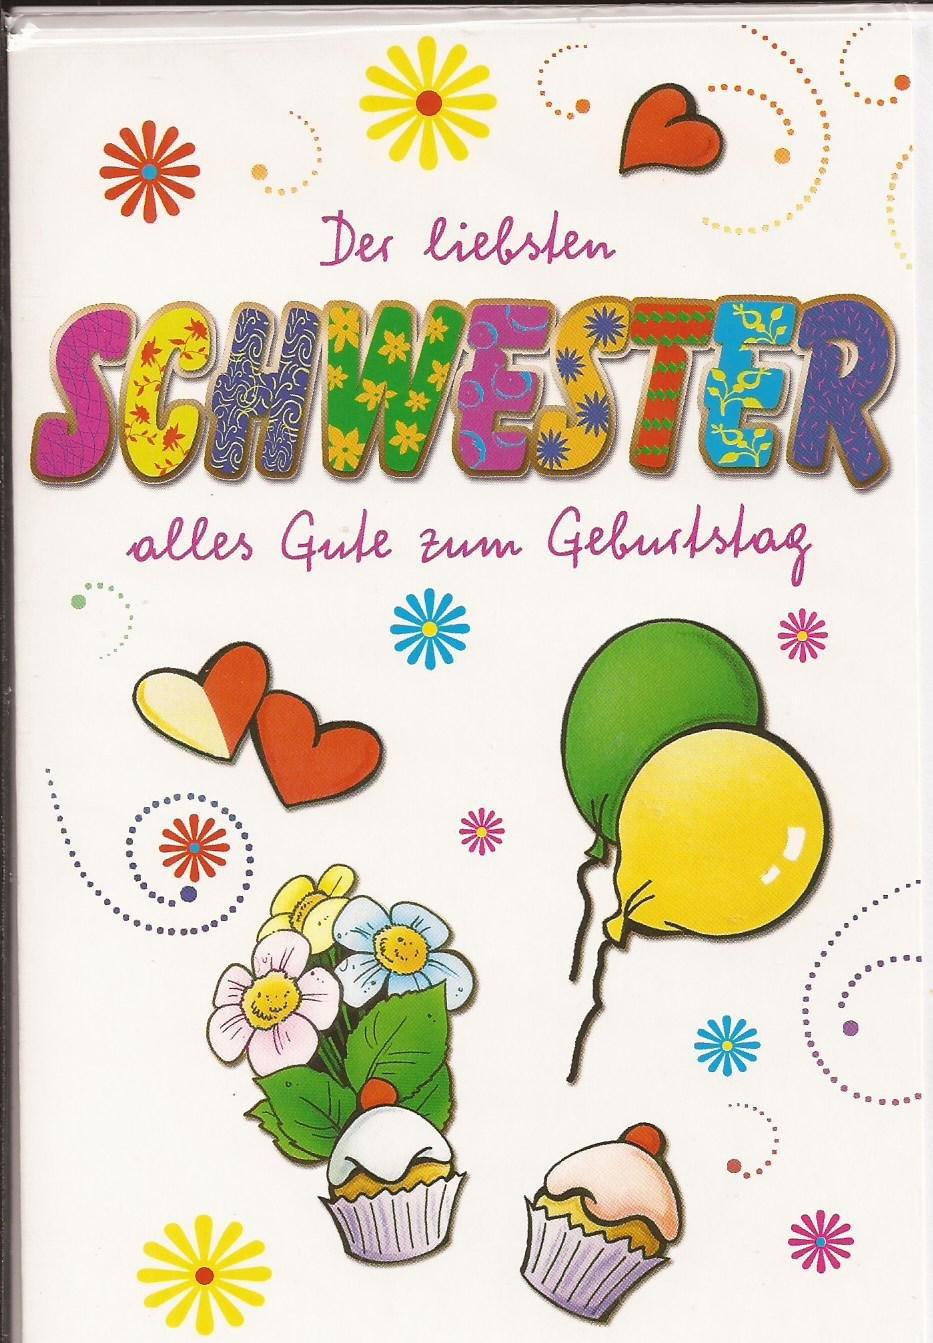 Geburtstagskarte Der Liebsten Schwester Alles Gute Zum Geburtstag:  Amazon.de: Bürobedarf U0026 Schreibwaren